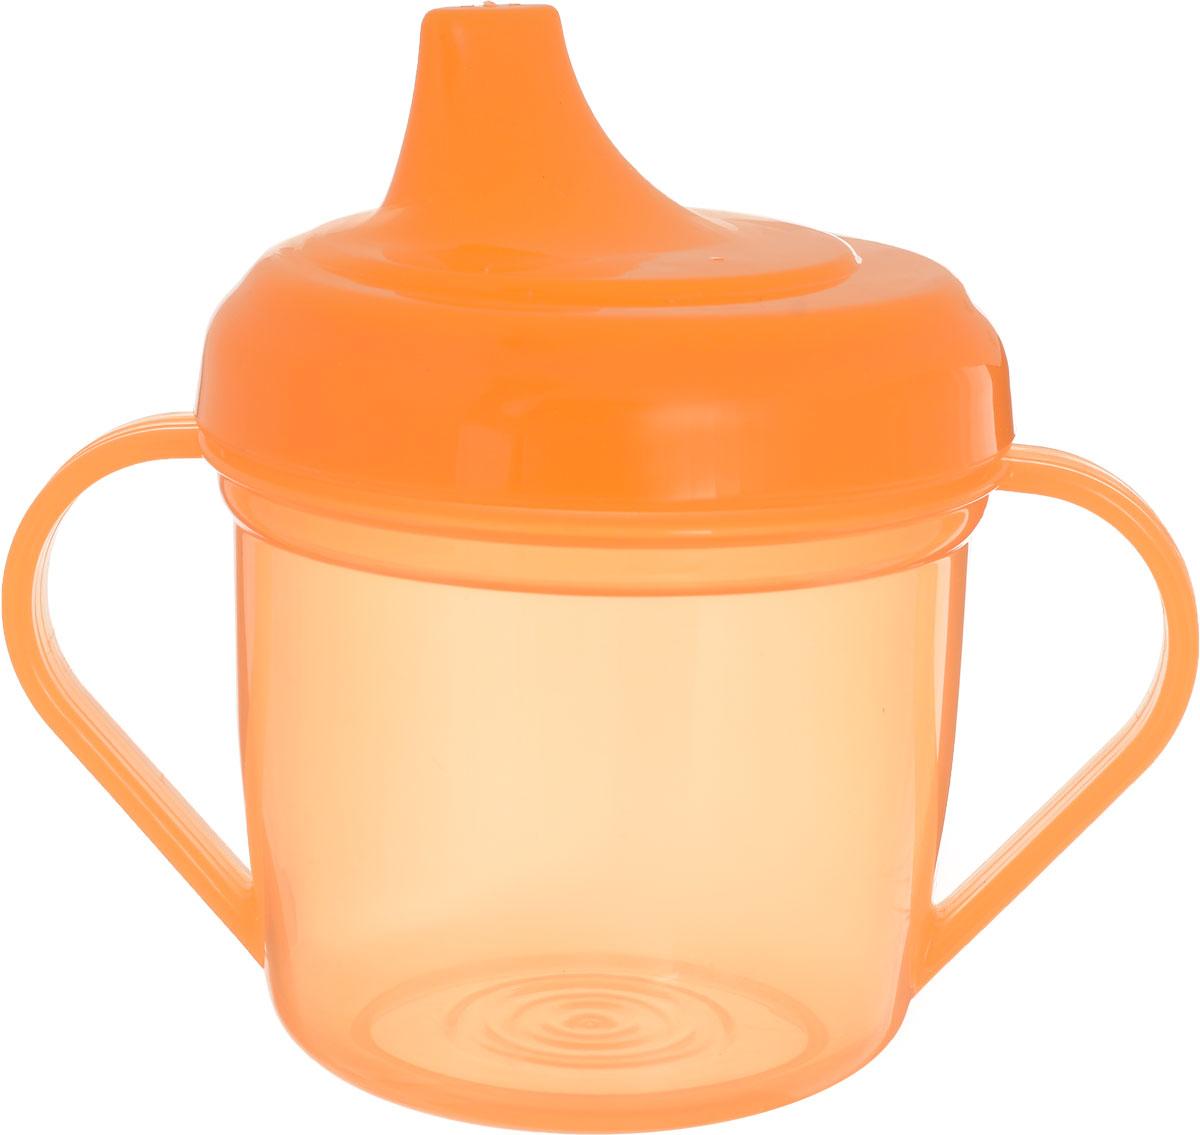 Mum&Baby Поильник цвет оранжевый 200 мл -  Поильники